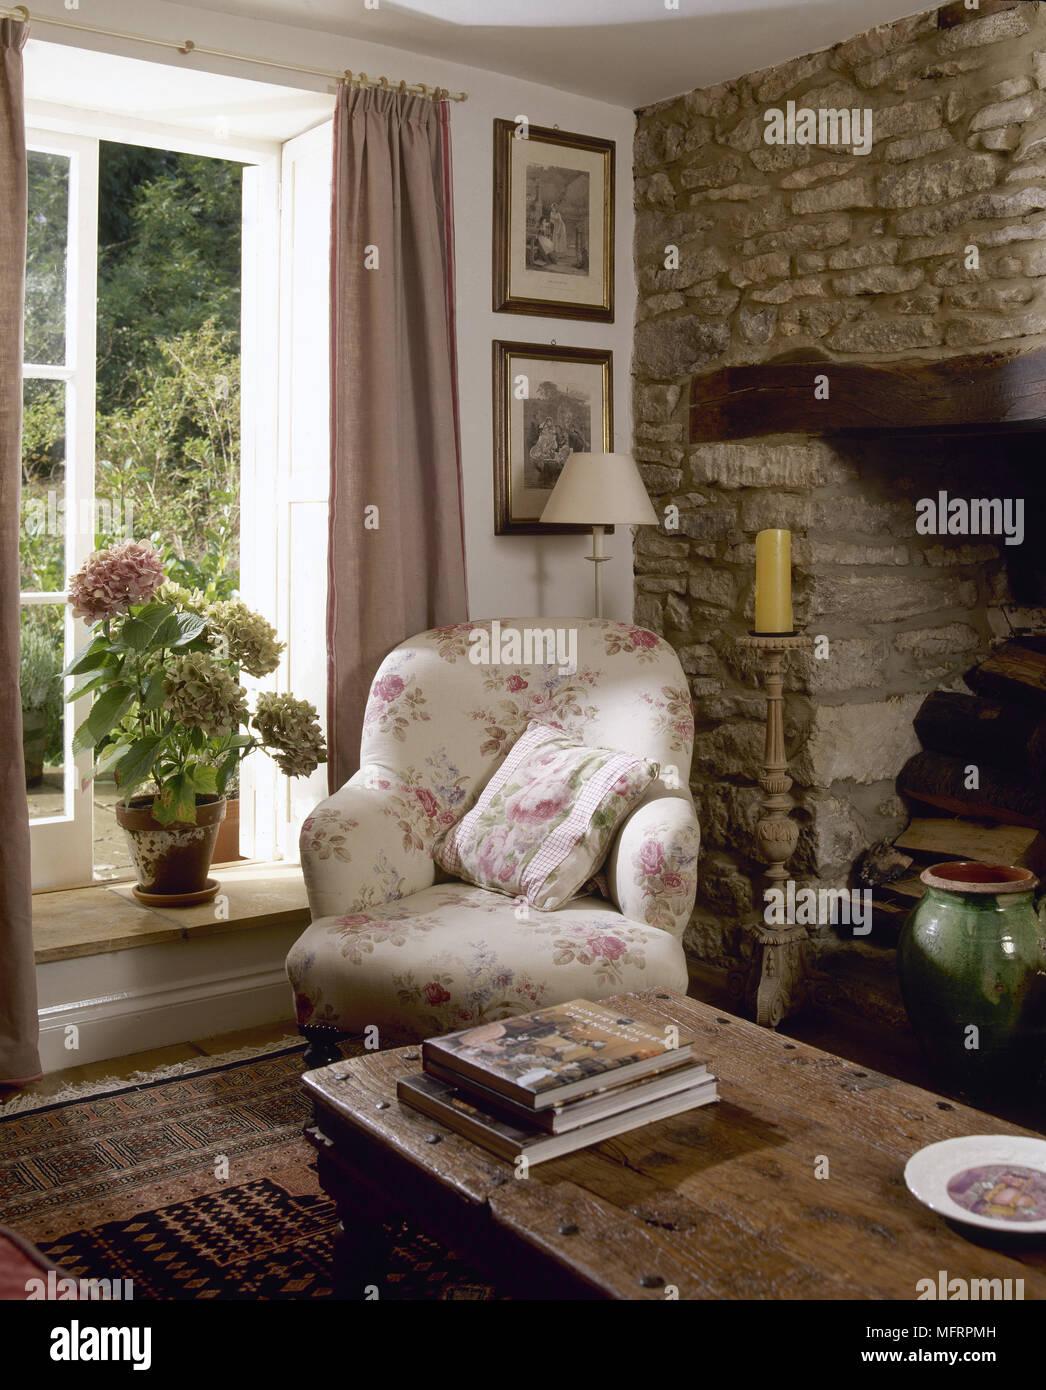 Schon Landhaus Wohnzimmer Detail Mit Einem Offenen Fenster Holz Tisch